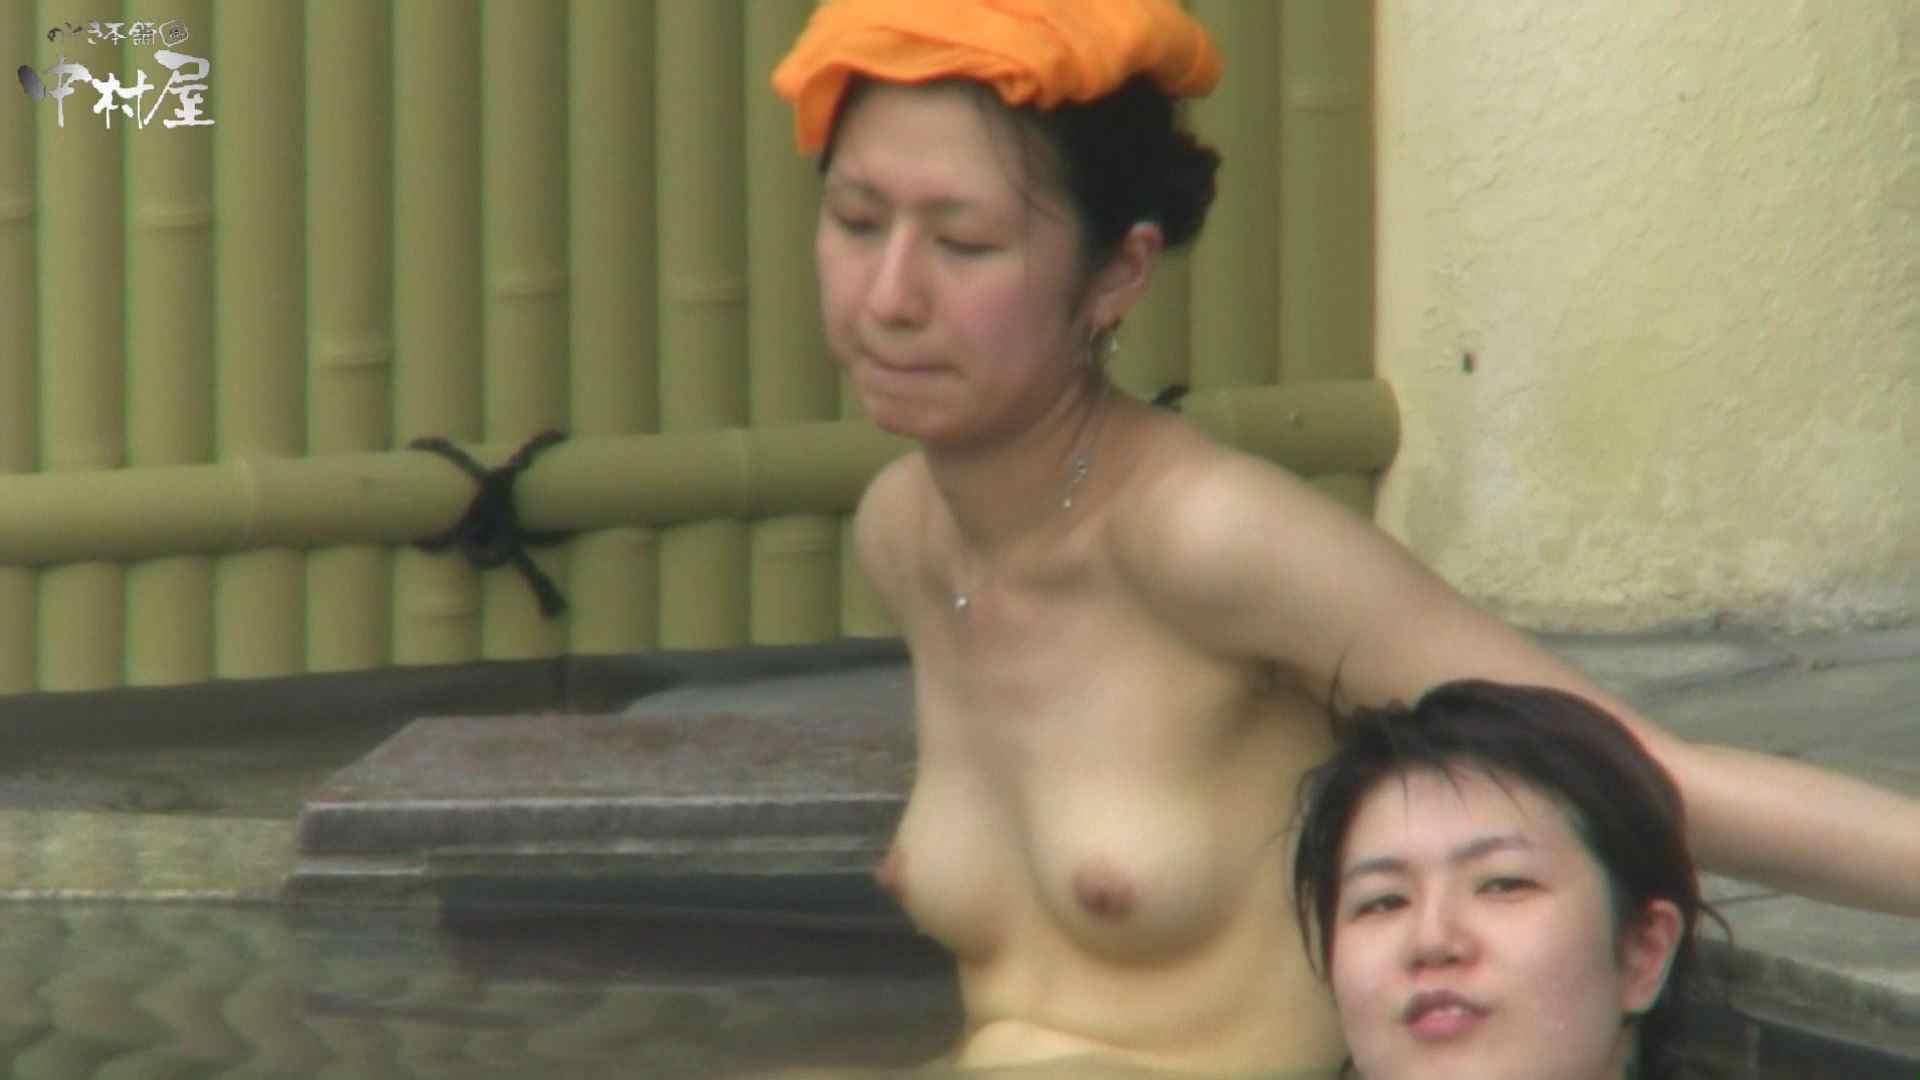 Aquaな露天風呂Vol.945 盗撮師作品 | 美しいOLの裸体  75pic 43